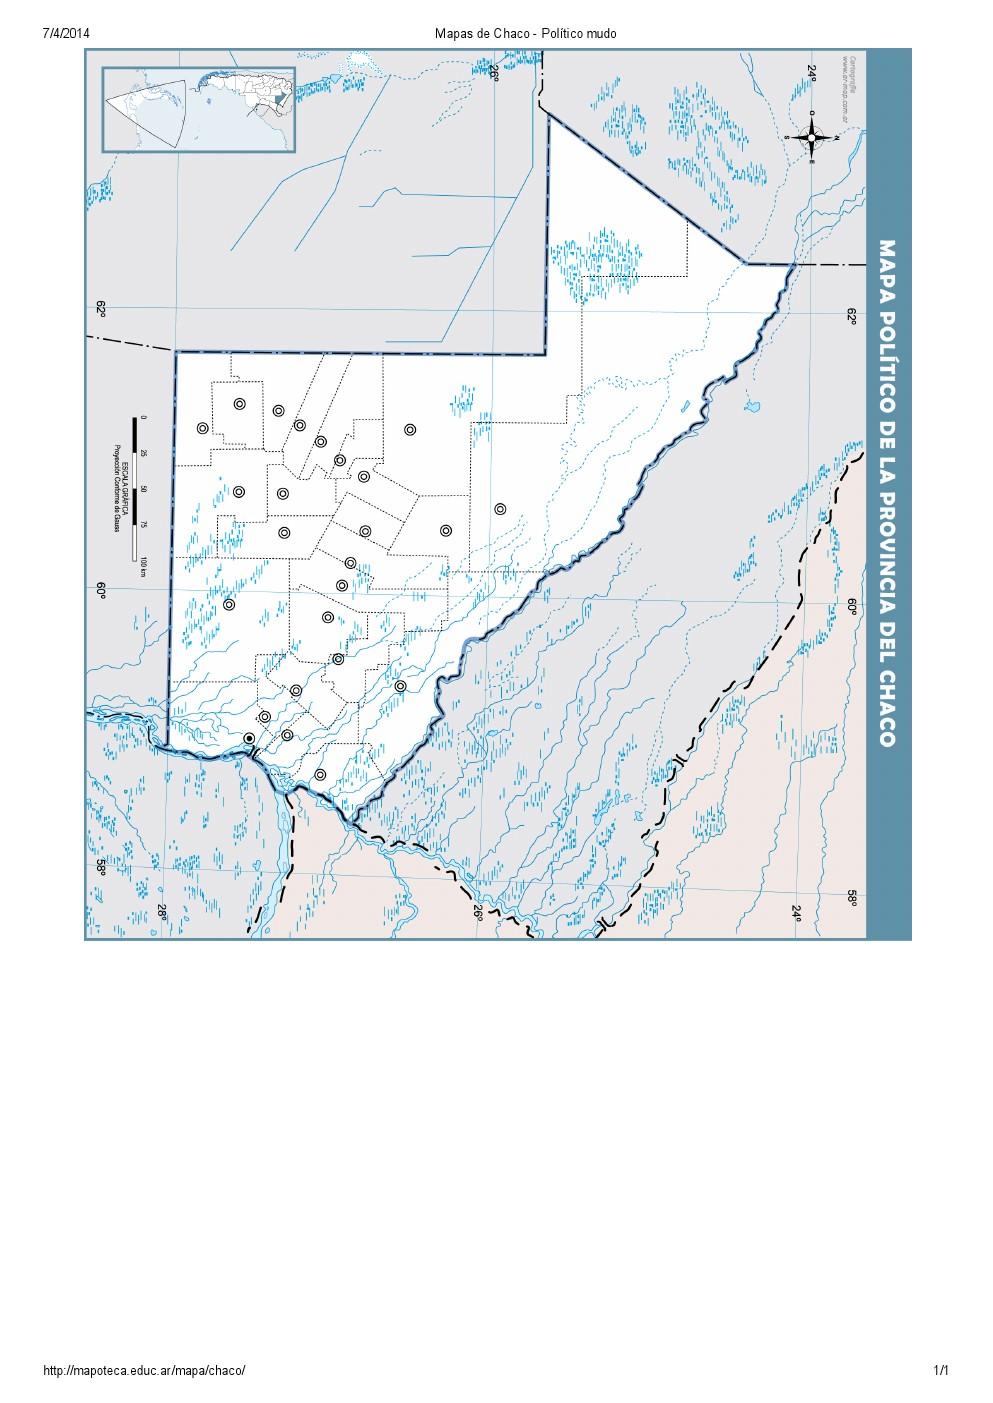 Mapa mudo de capitales del Chaco. Mapoteca de Educ.ar